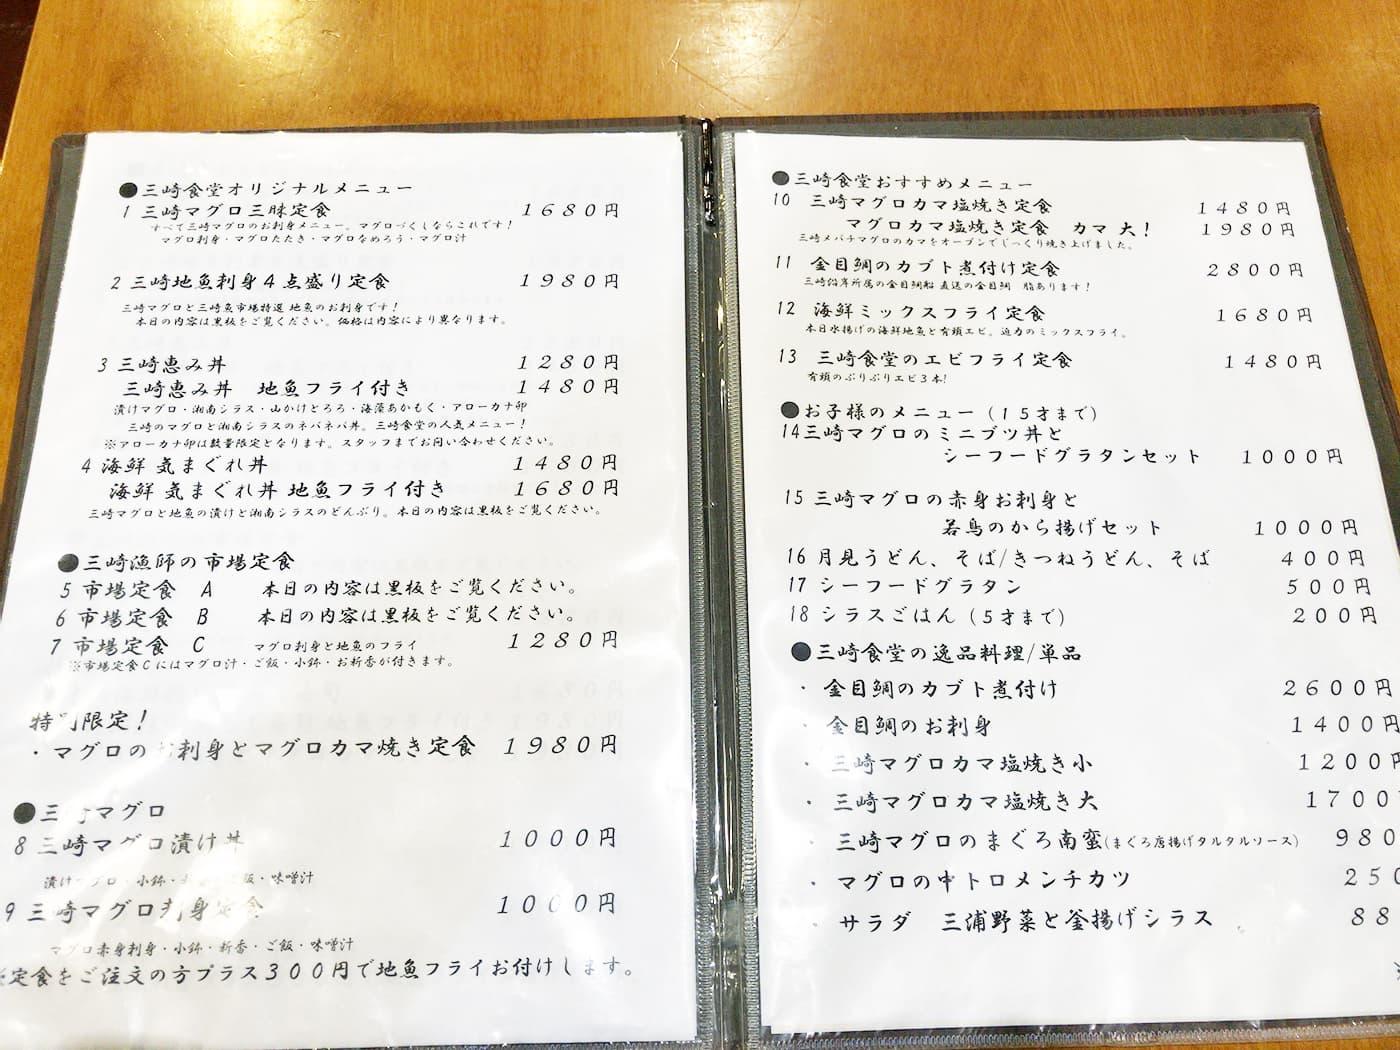 三崎食堂のメニュー